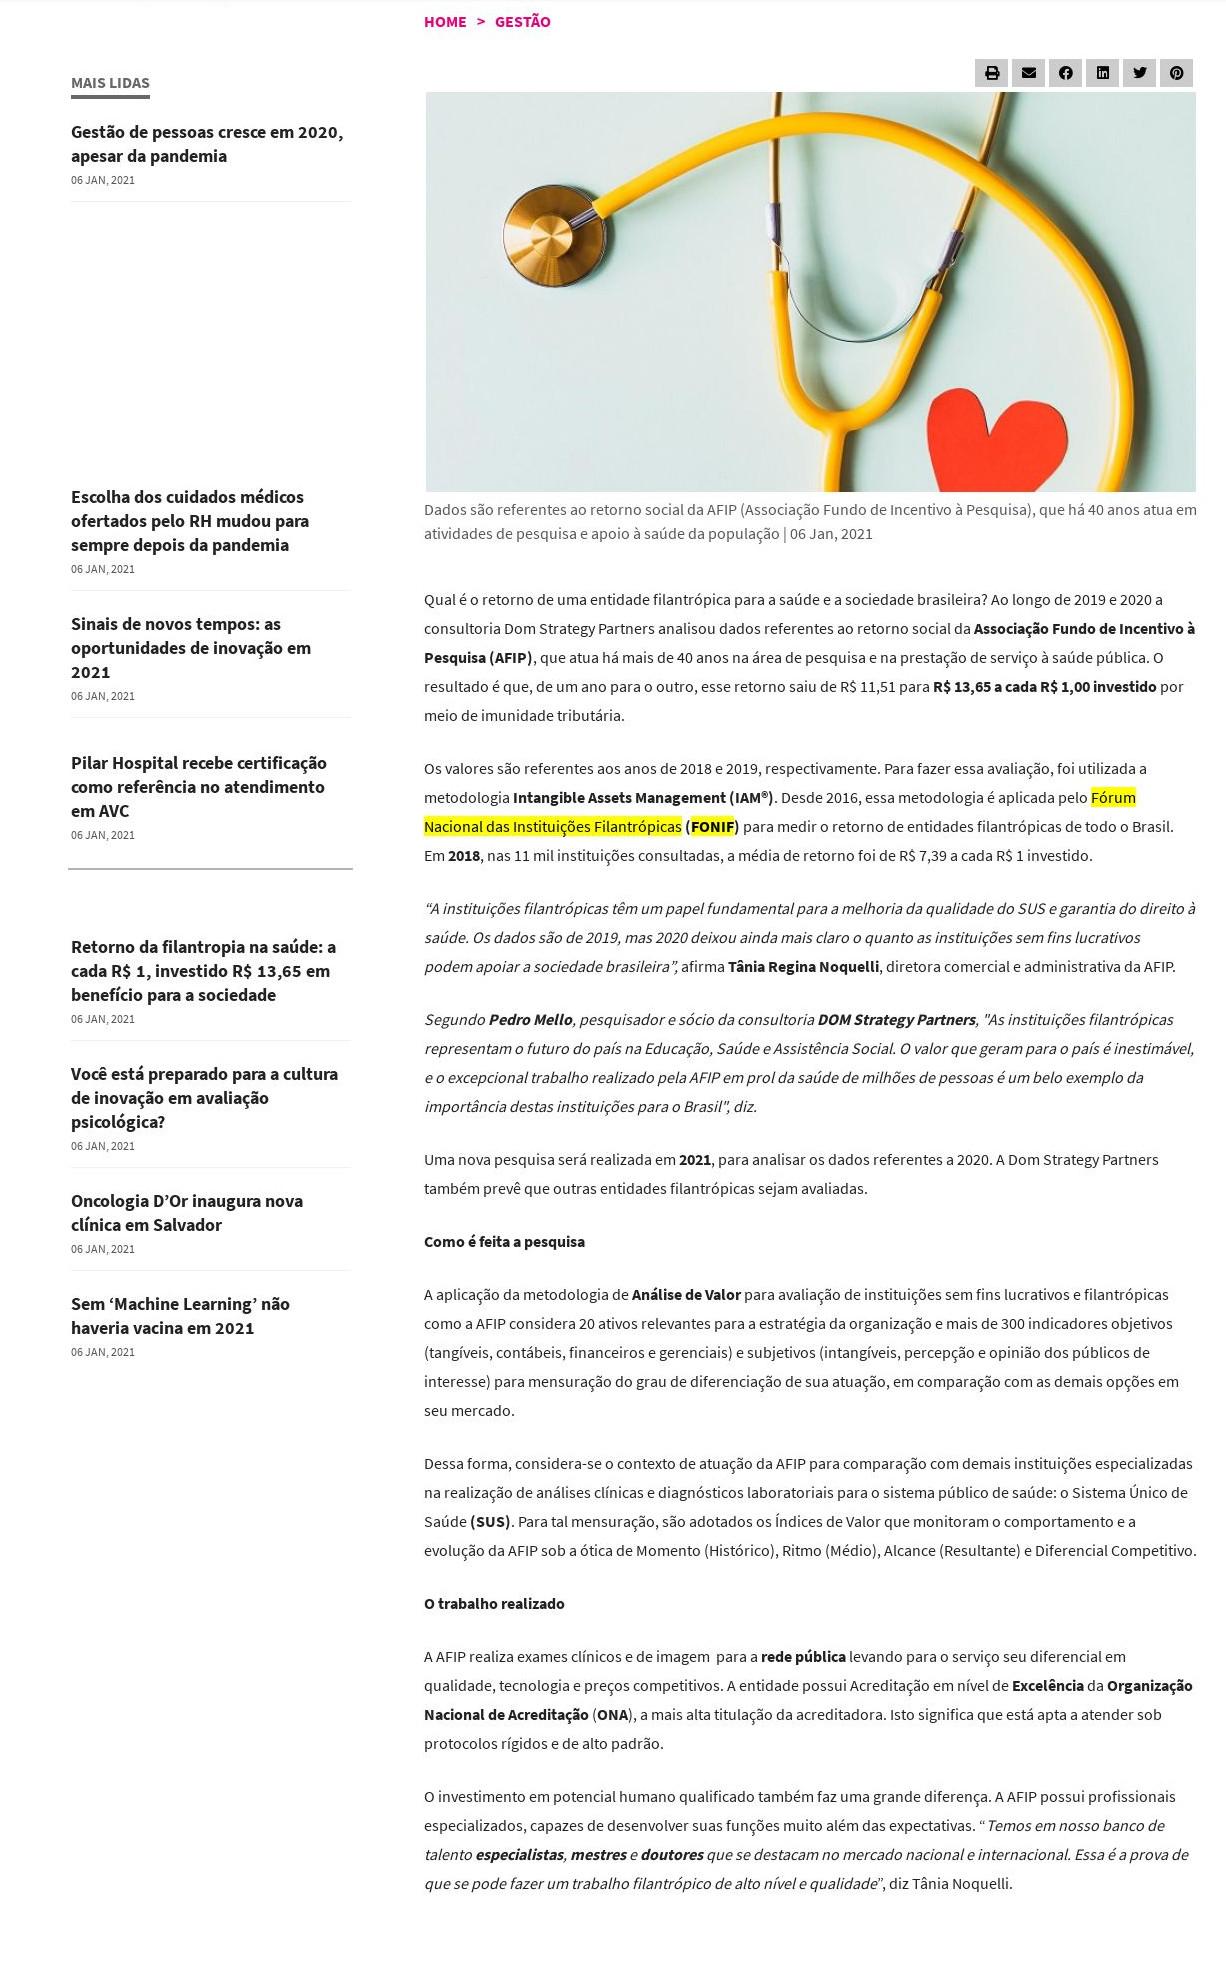 Retorno da filantropia na saúde: a cada R$ 1, investido R$ 13,65 em benefício para a sociedade - Saúde Business